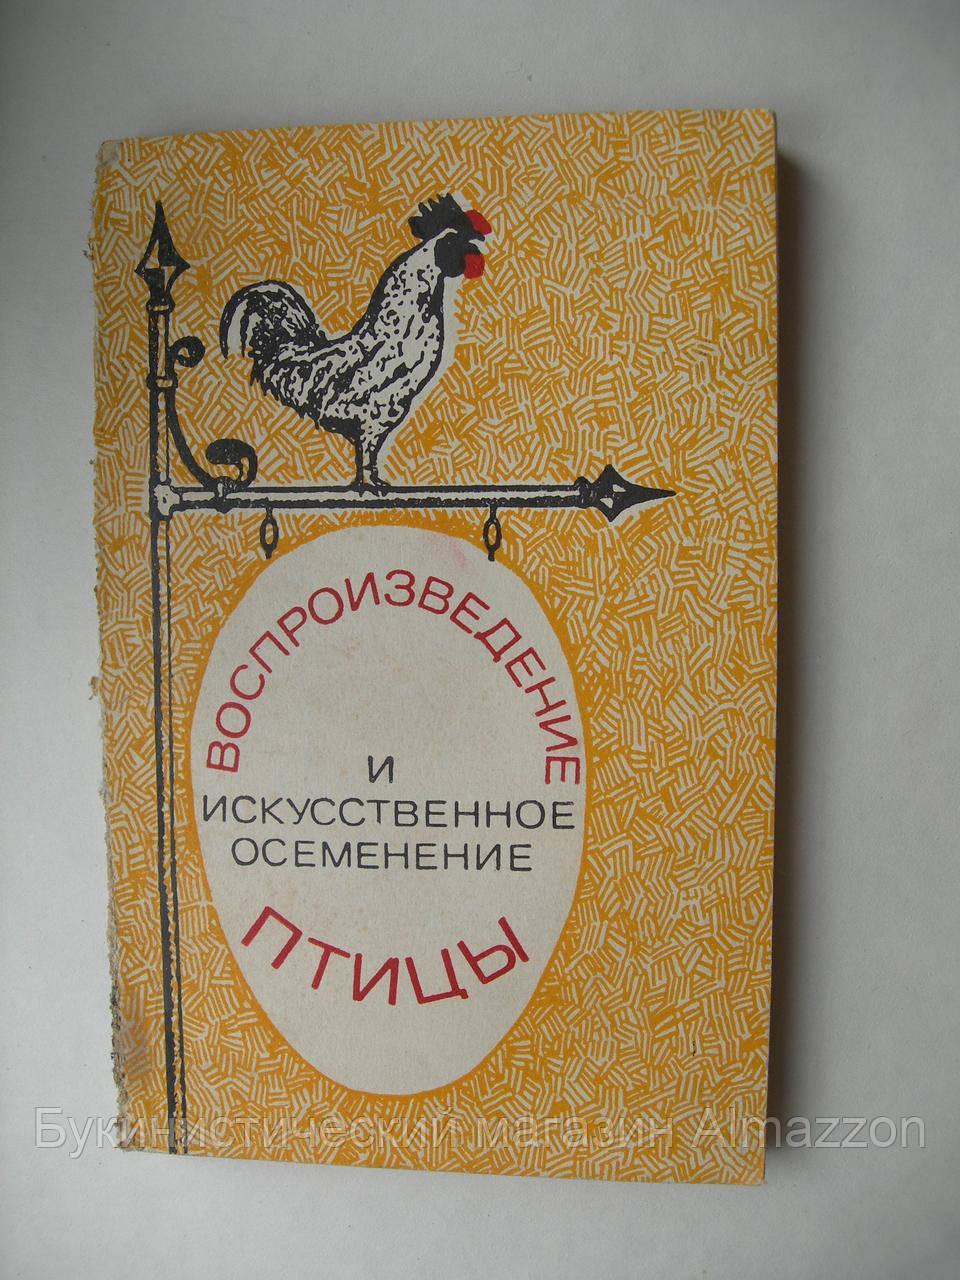 """""""Воспроизведение и искусственное осеменение птицы"""", фото 1"""